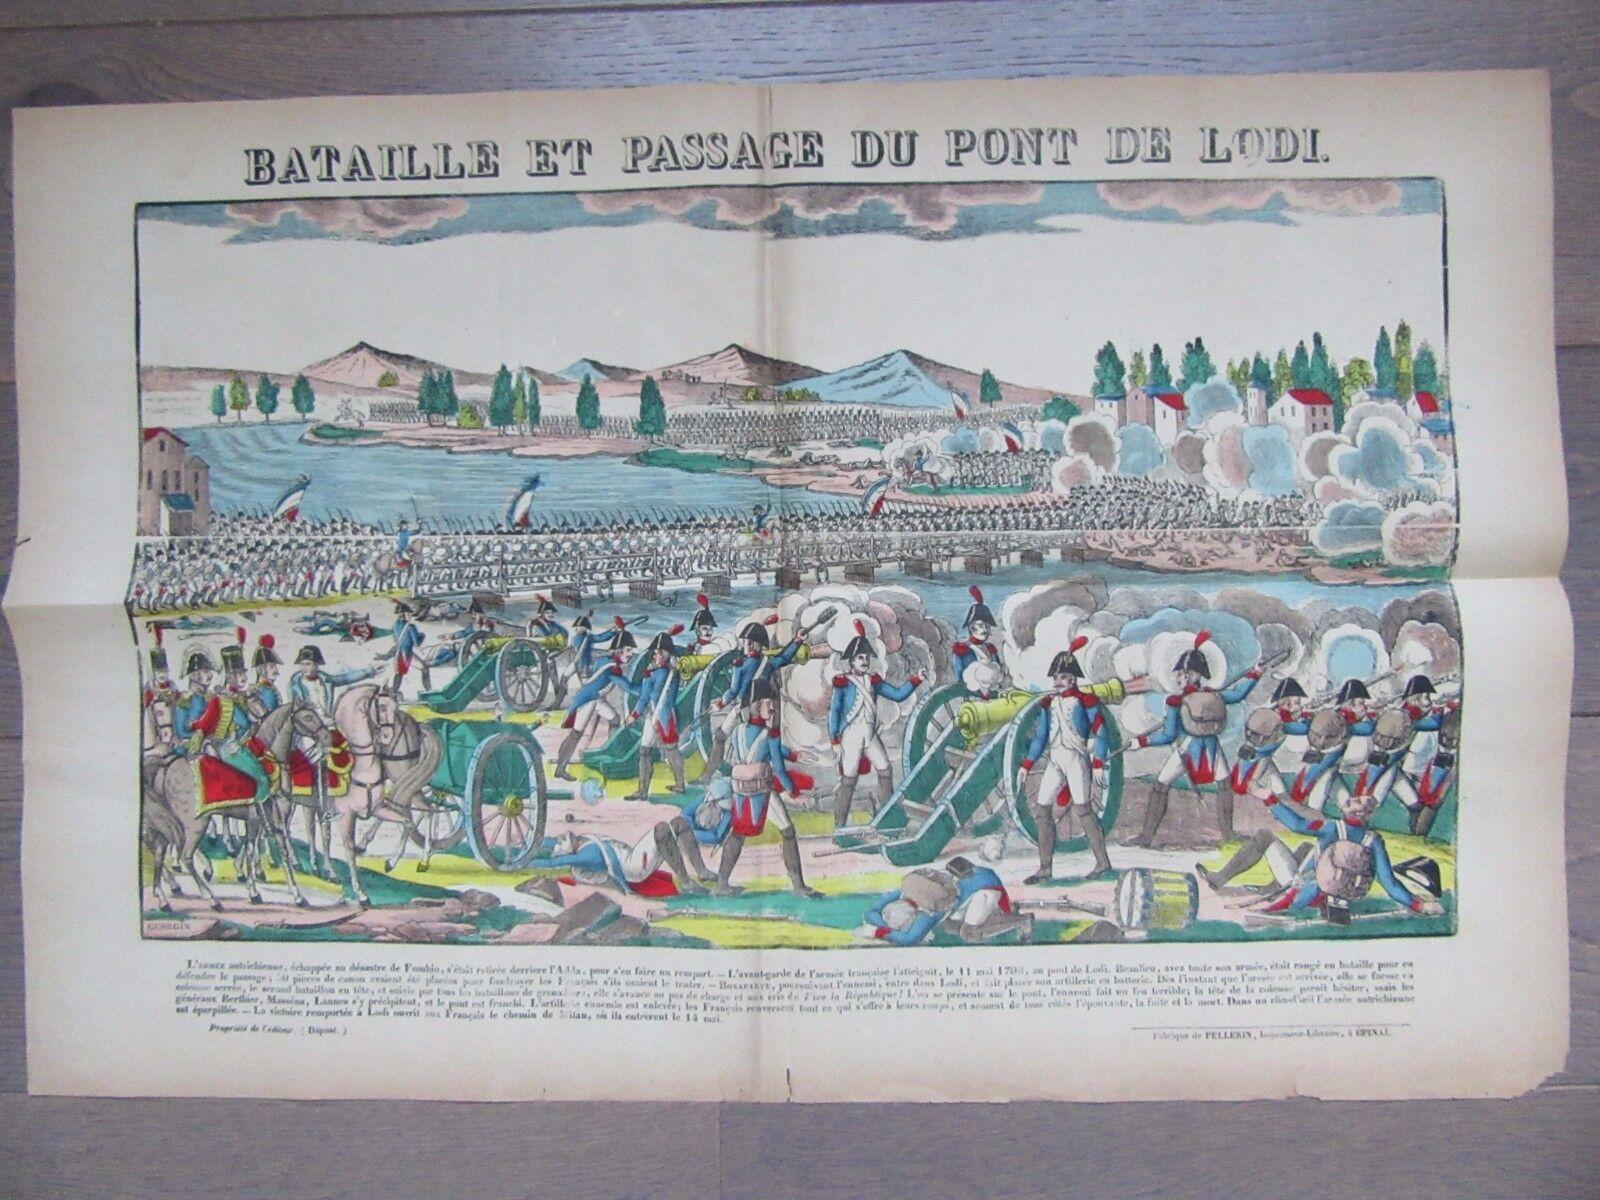 GRANDE IMAGE EPINAL 1880 NAPOLEON BATAILLE ET PASSAGE DU PONT DE LODI MAI 1796